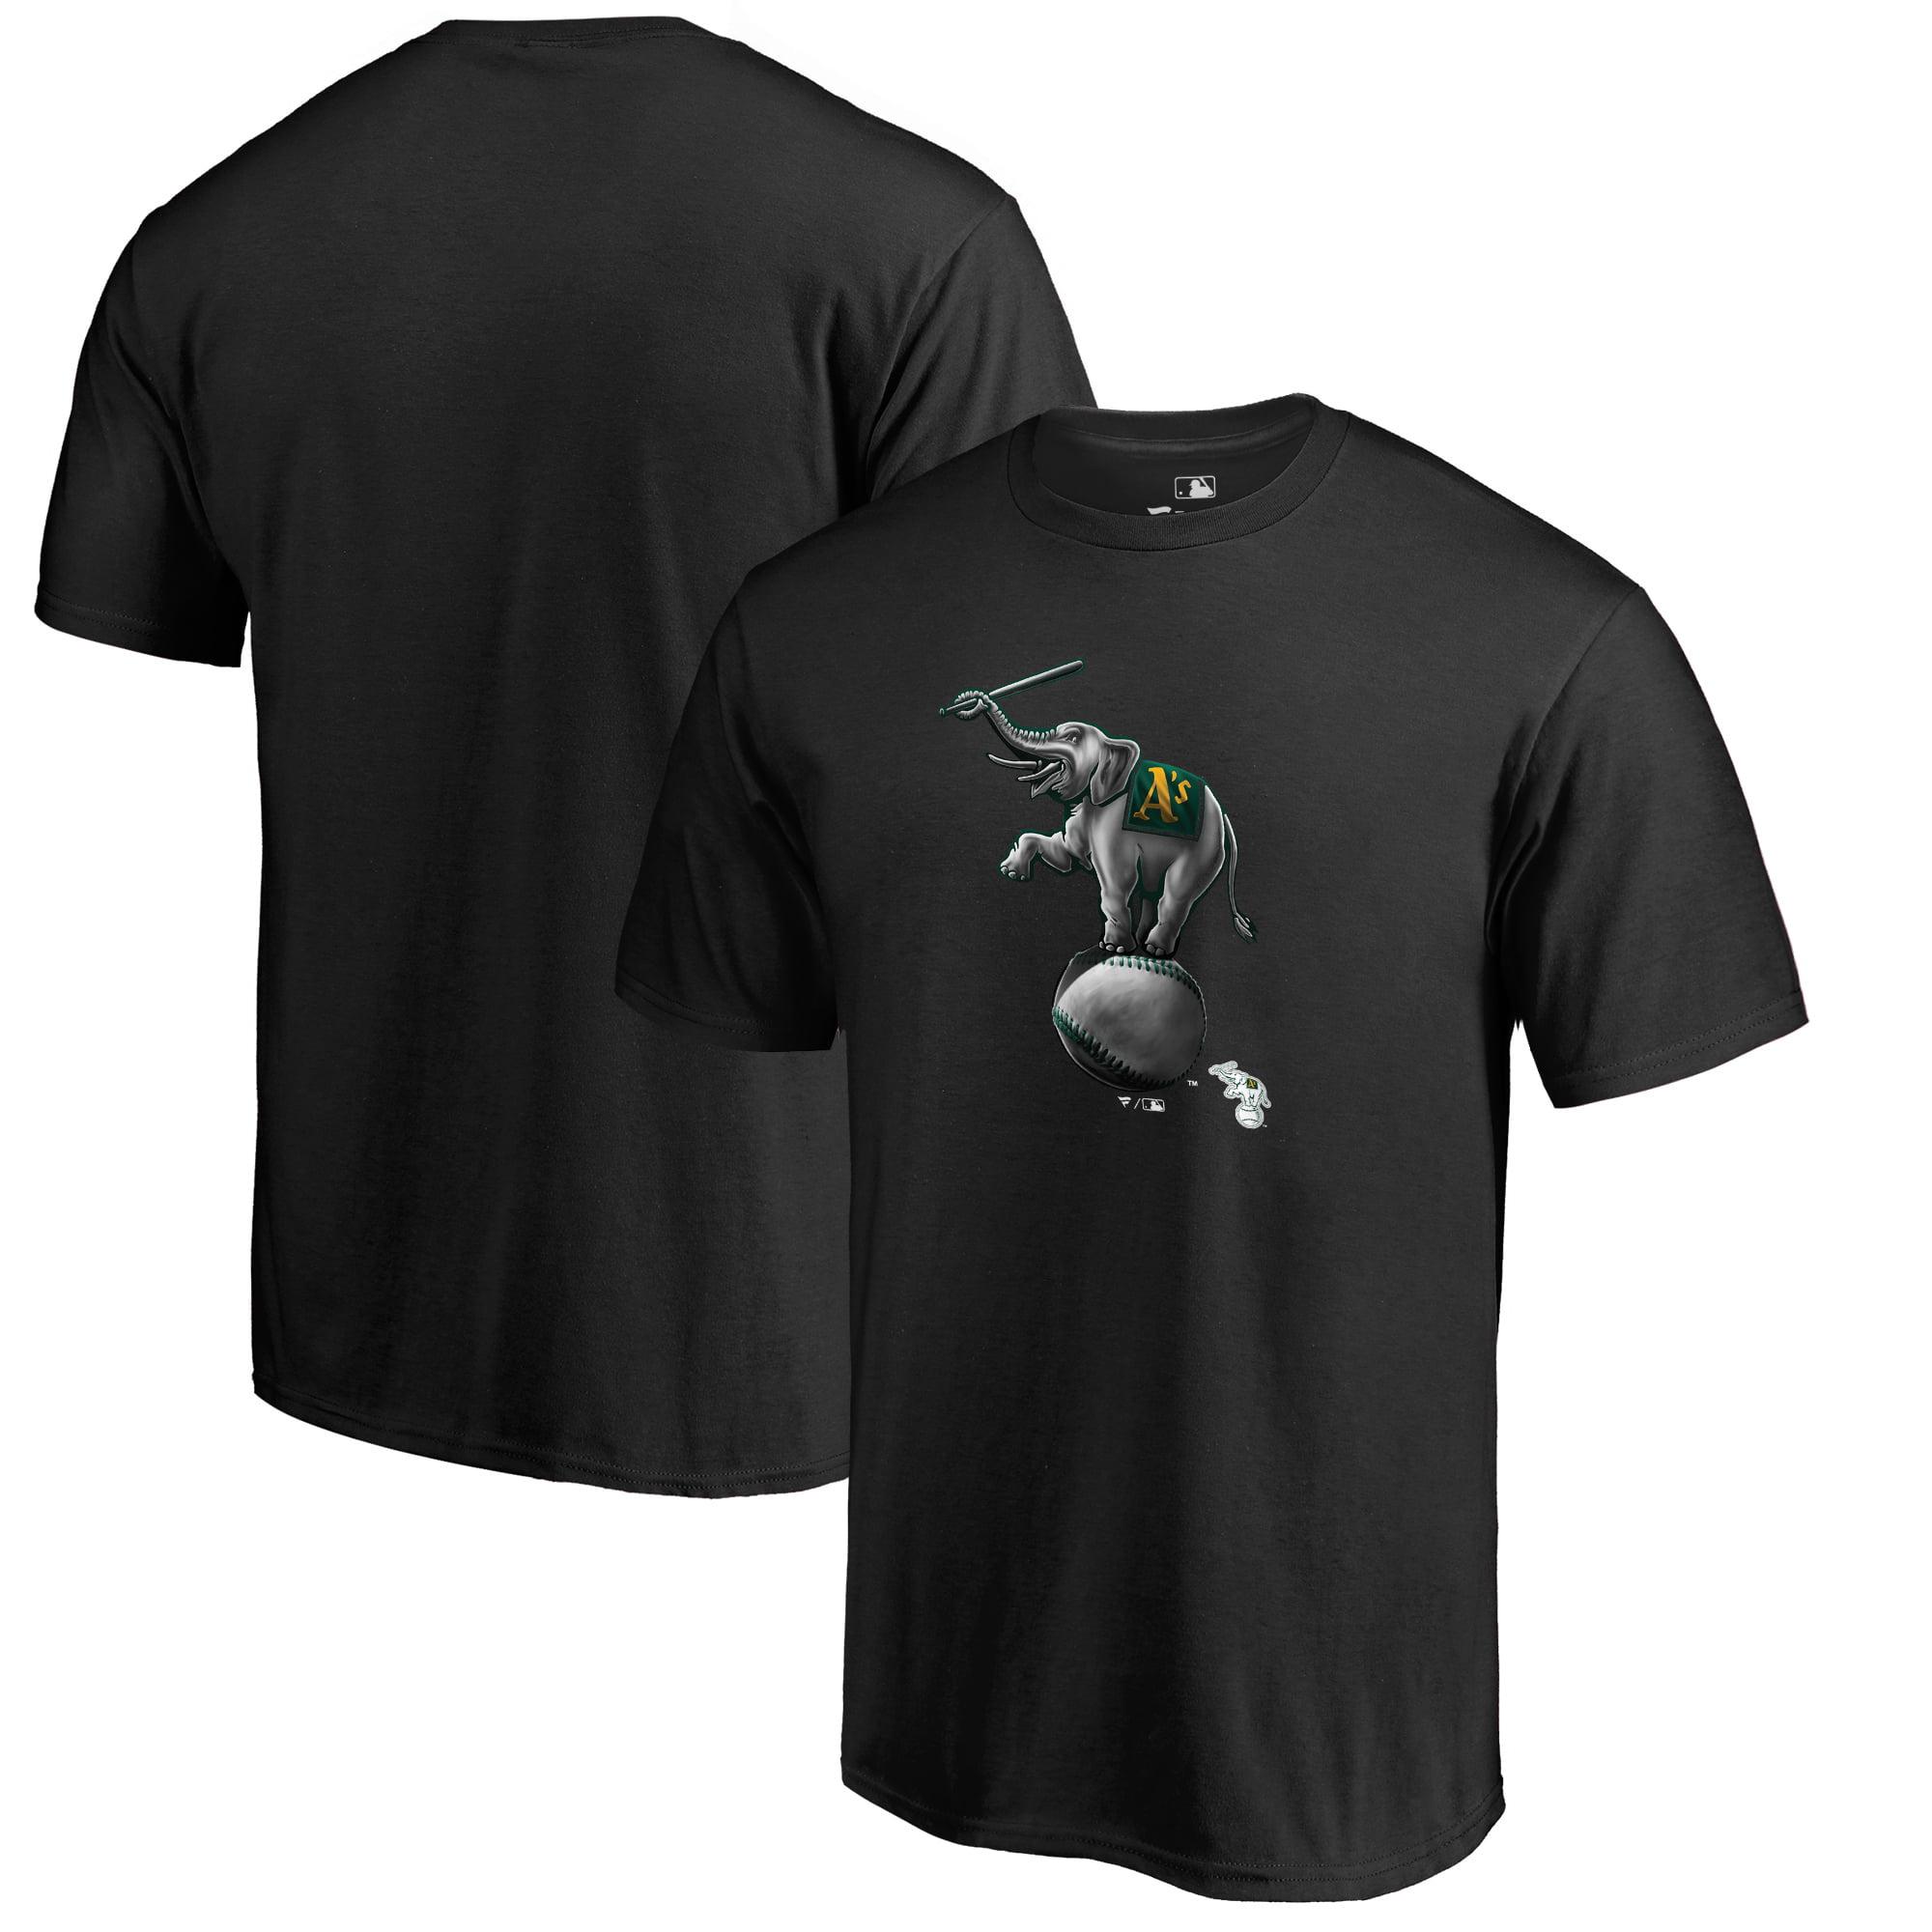 Oakland Athletics Fanatics Branded Midnight Mascot T-Shirt - Black